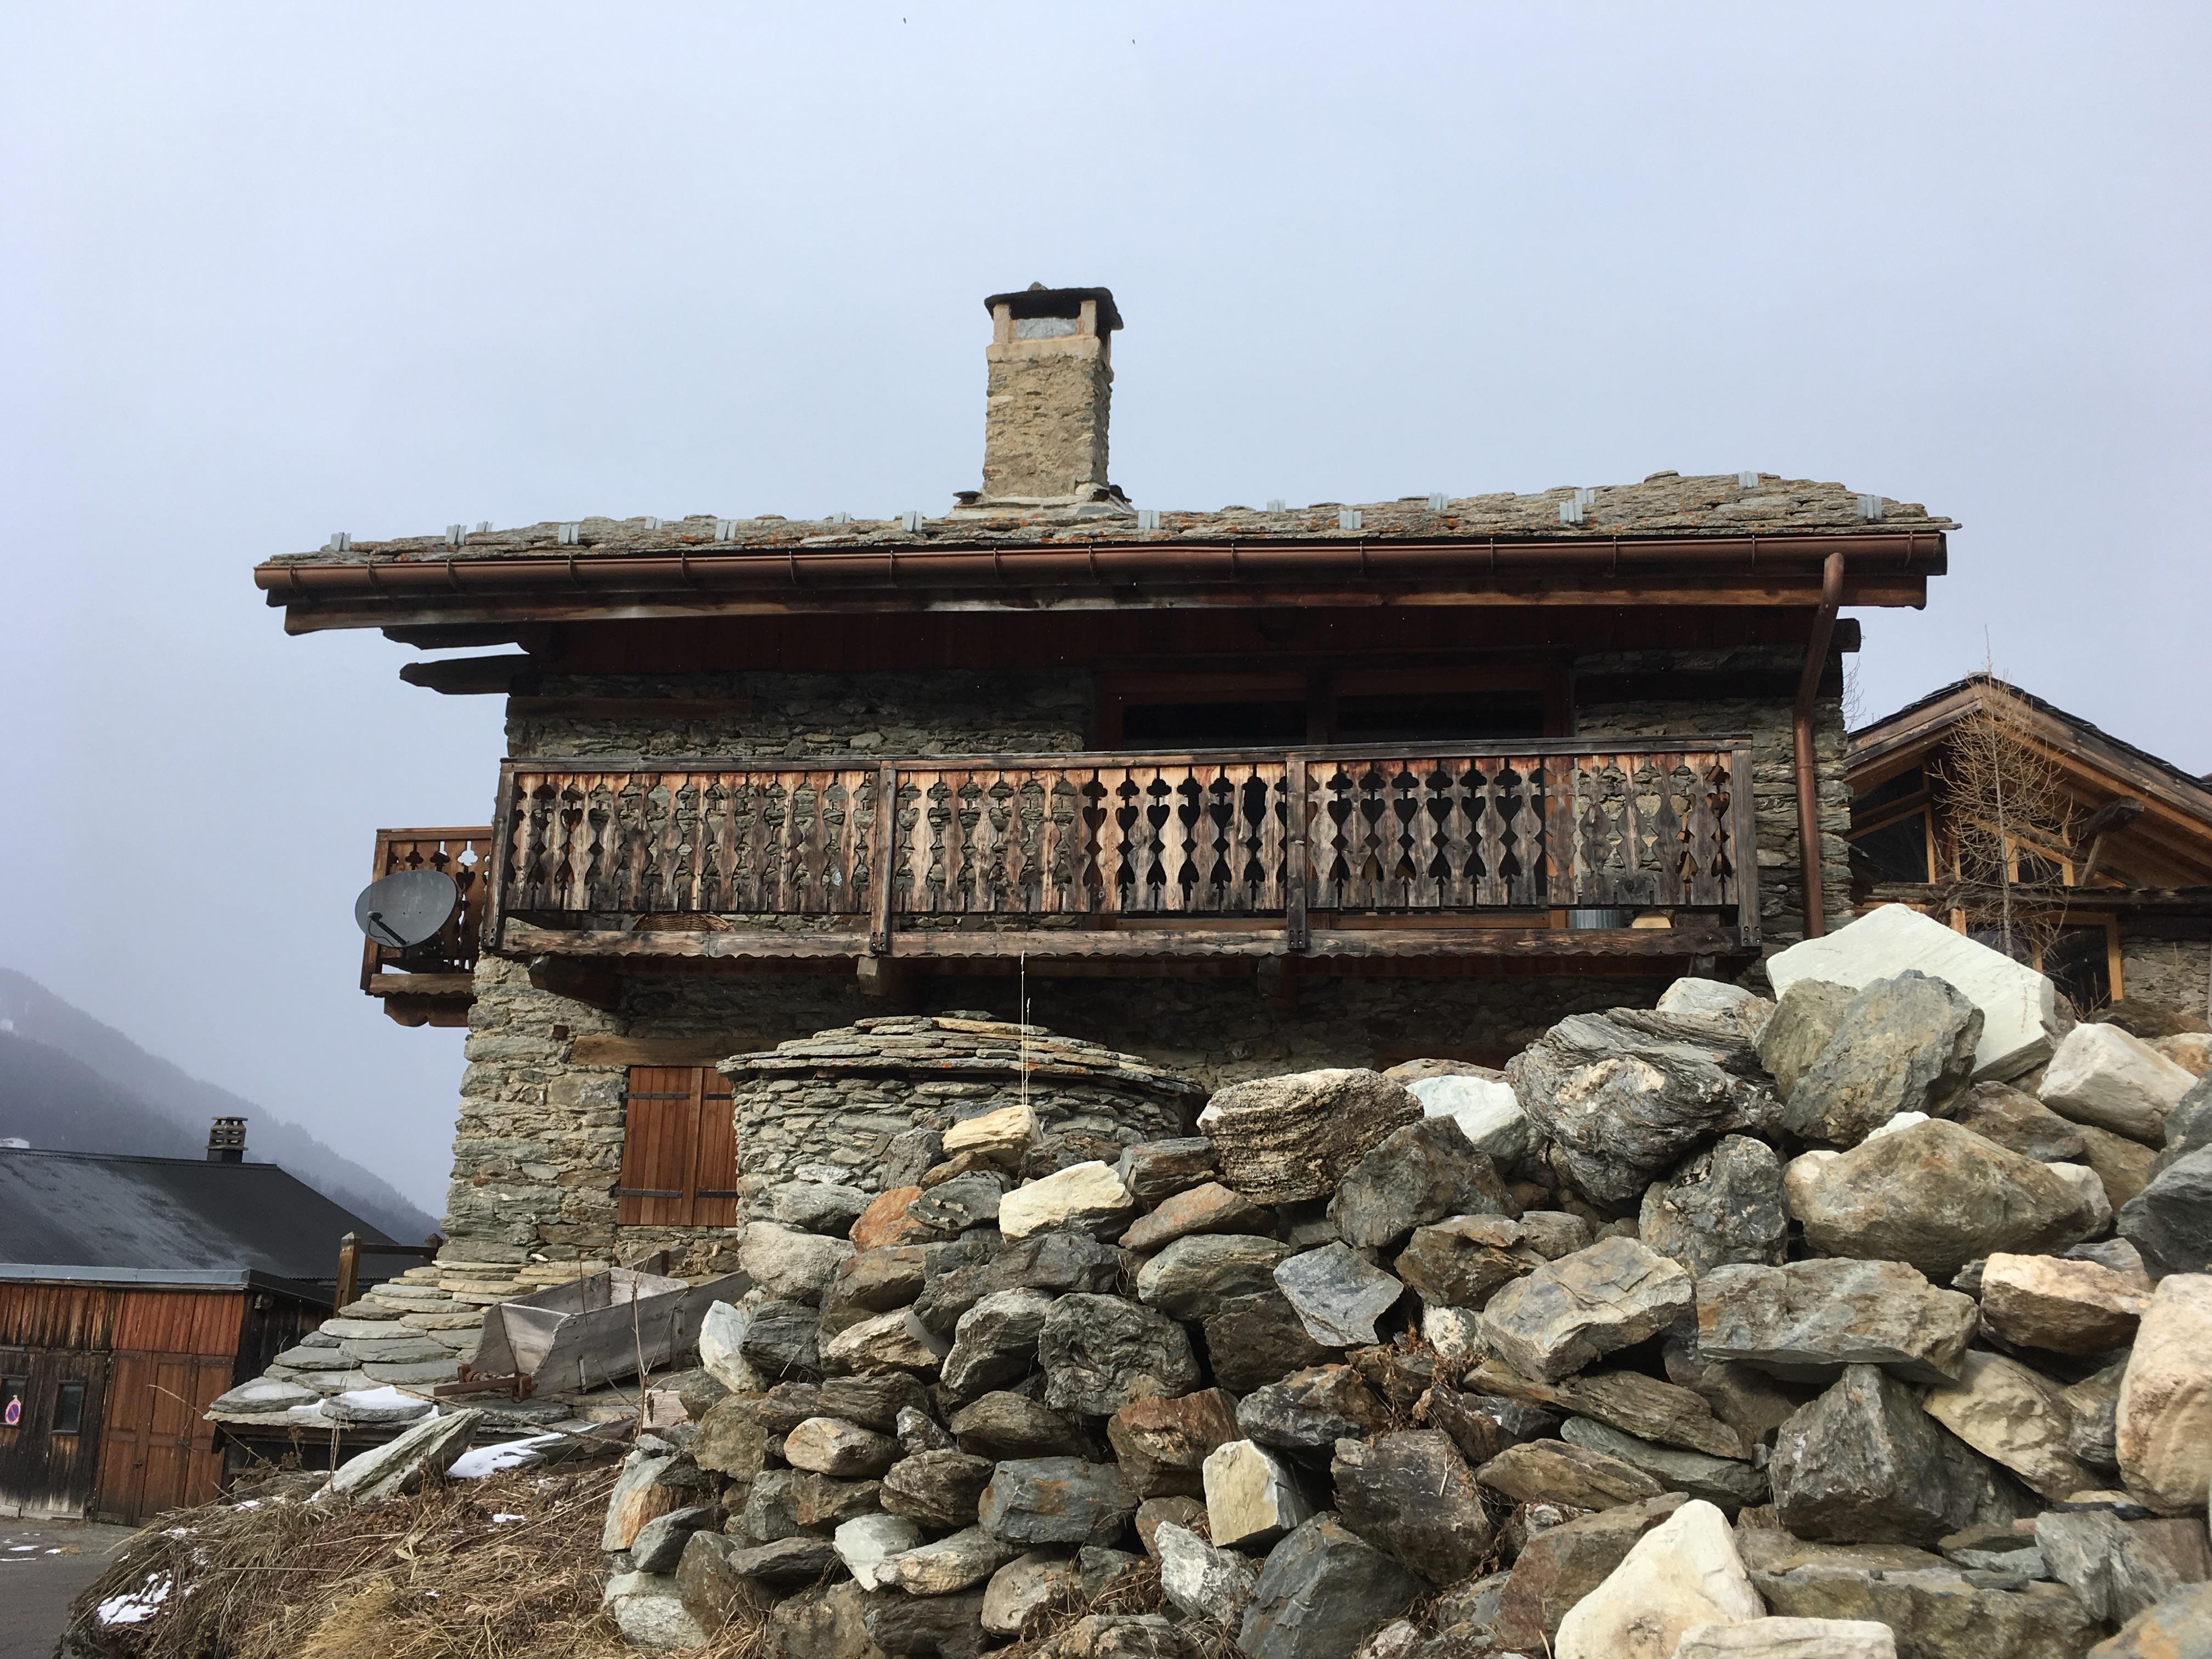 Франция: тайные пешие прогулки в Альпах. Часть вторая